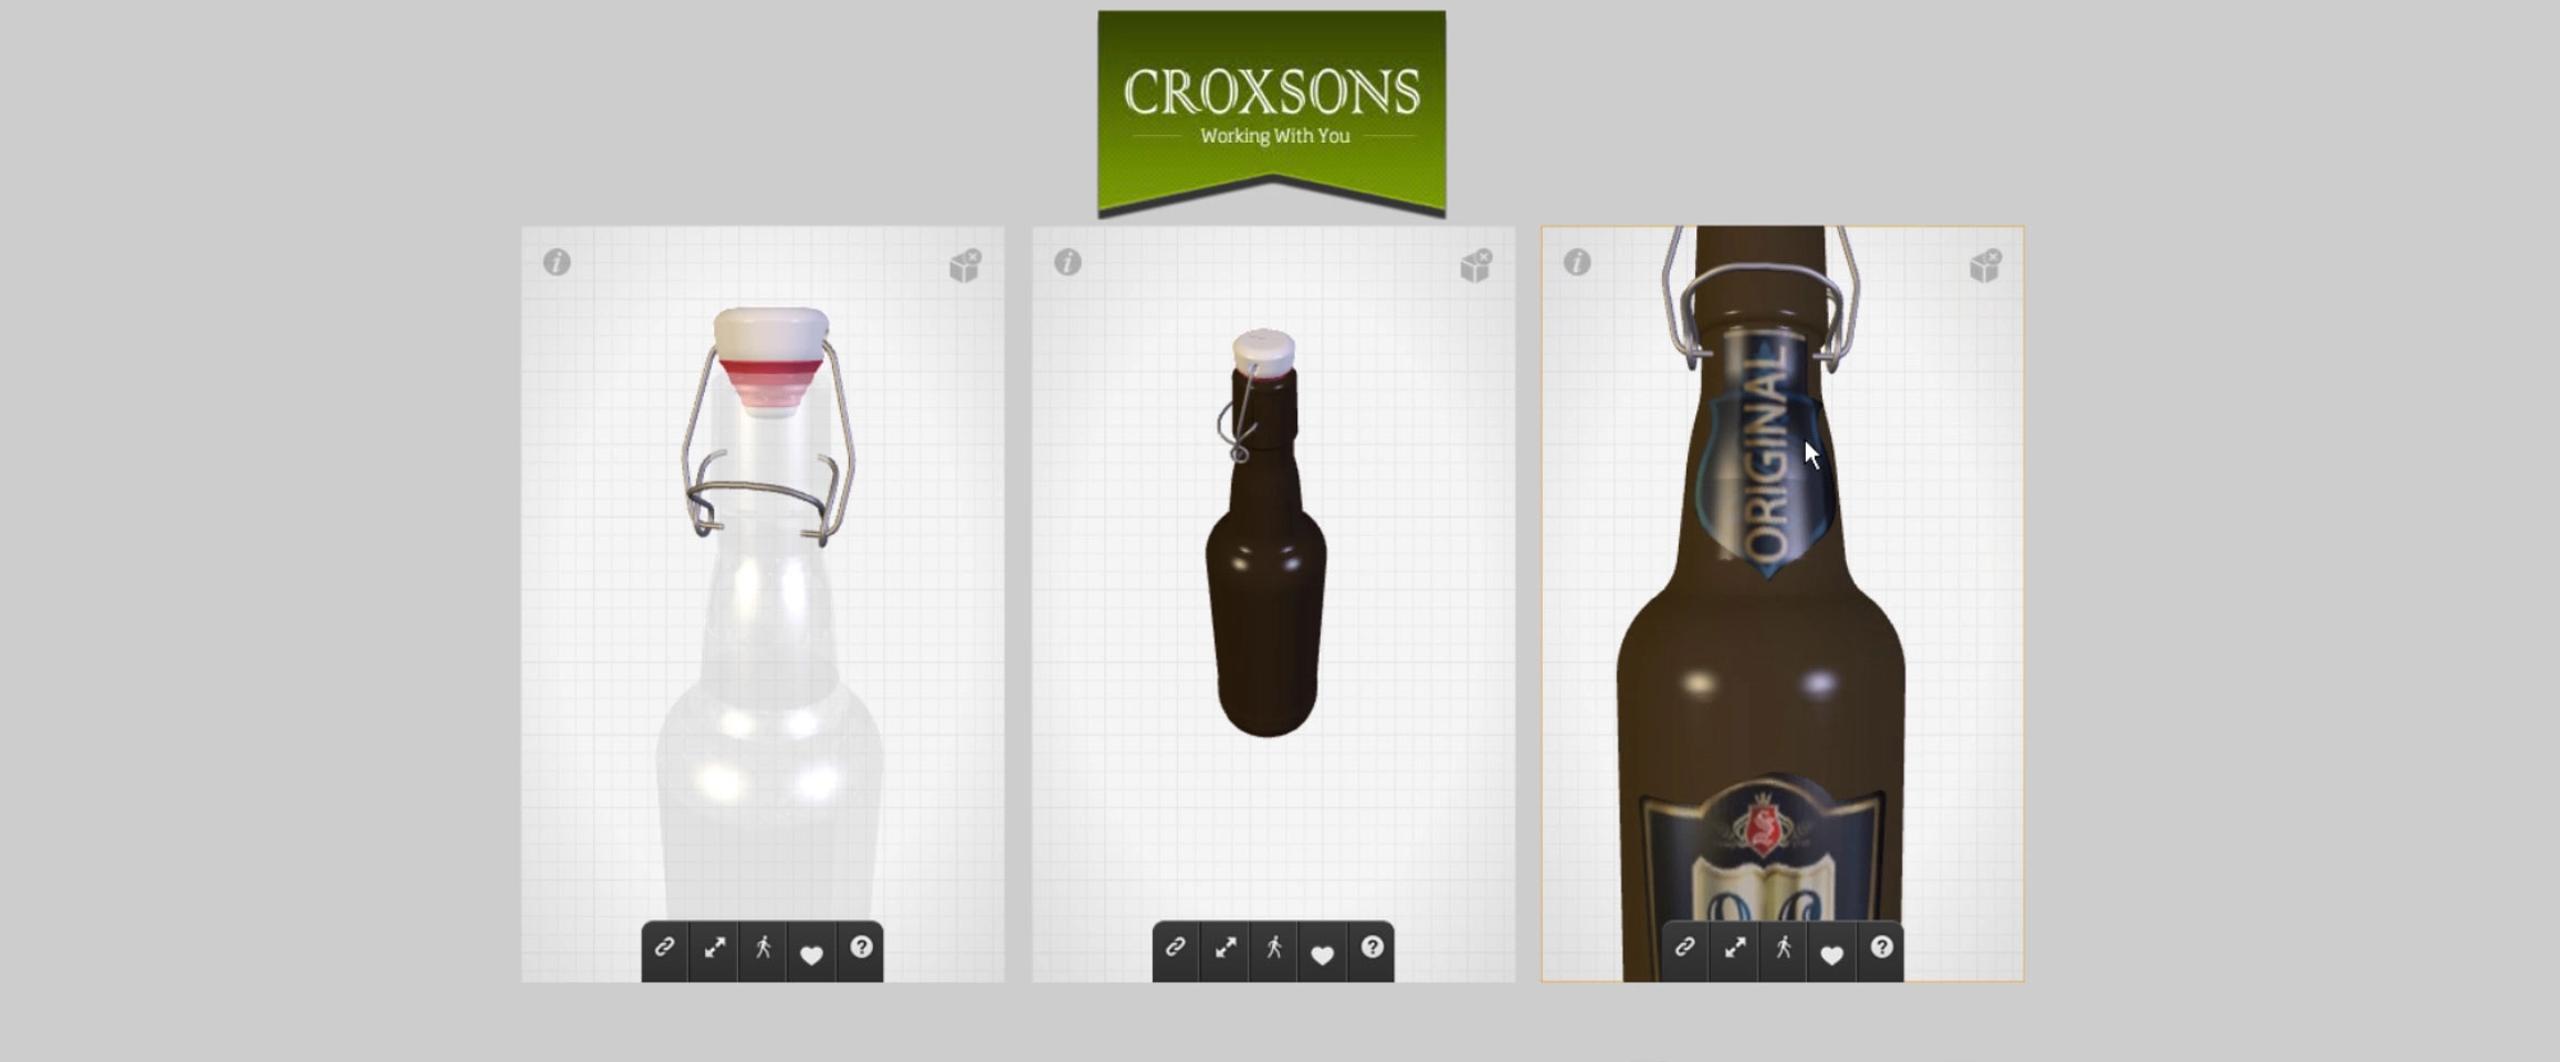 Design-AR--crox-webgl-B-42560